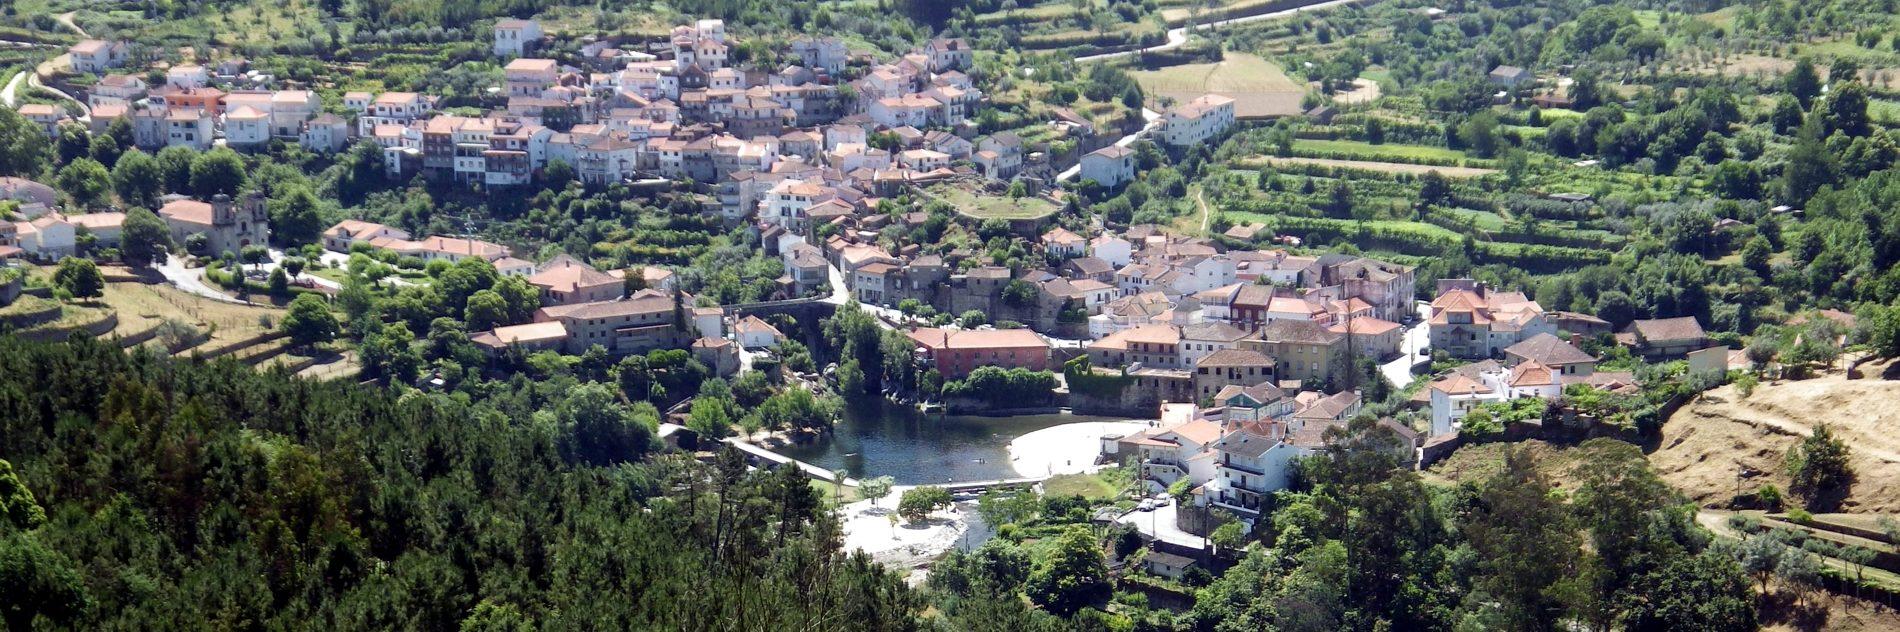 """Oliveira do Hospital candidata seis aldeias às """"Sete Maravilhas de Portugal- Aldeias"""""""